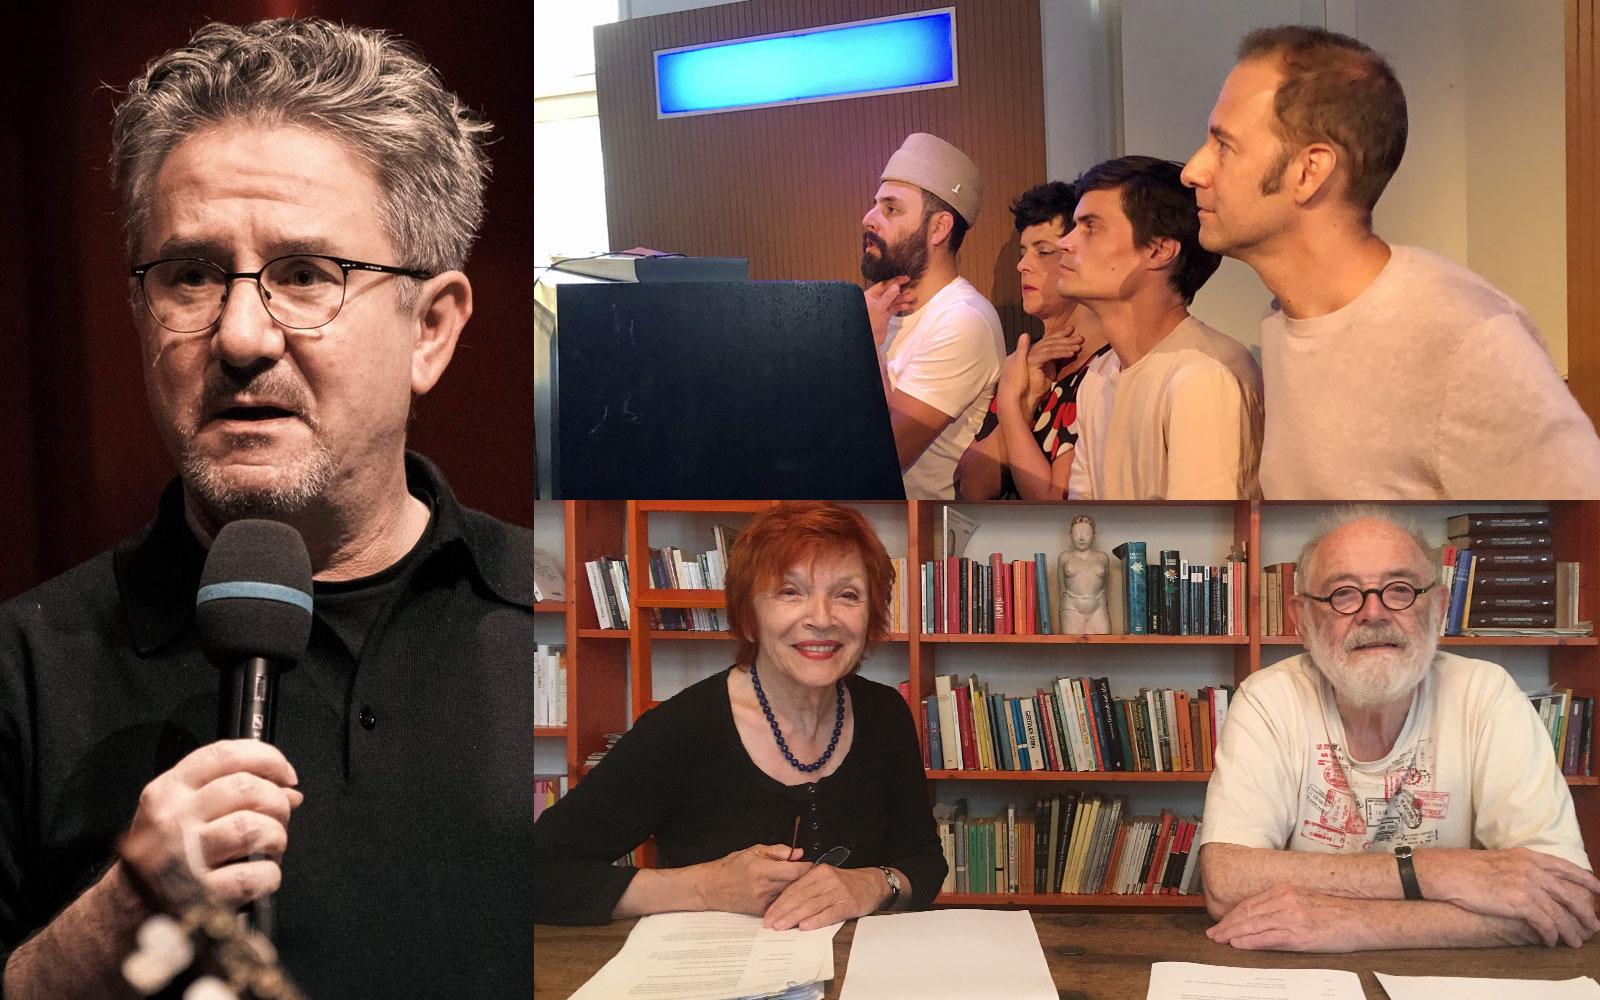 Helmut Jasbar, Donauwellenreiter, Christa and Kurt Schwertsik